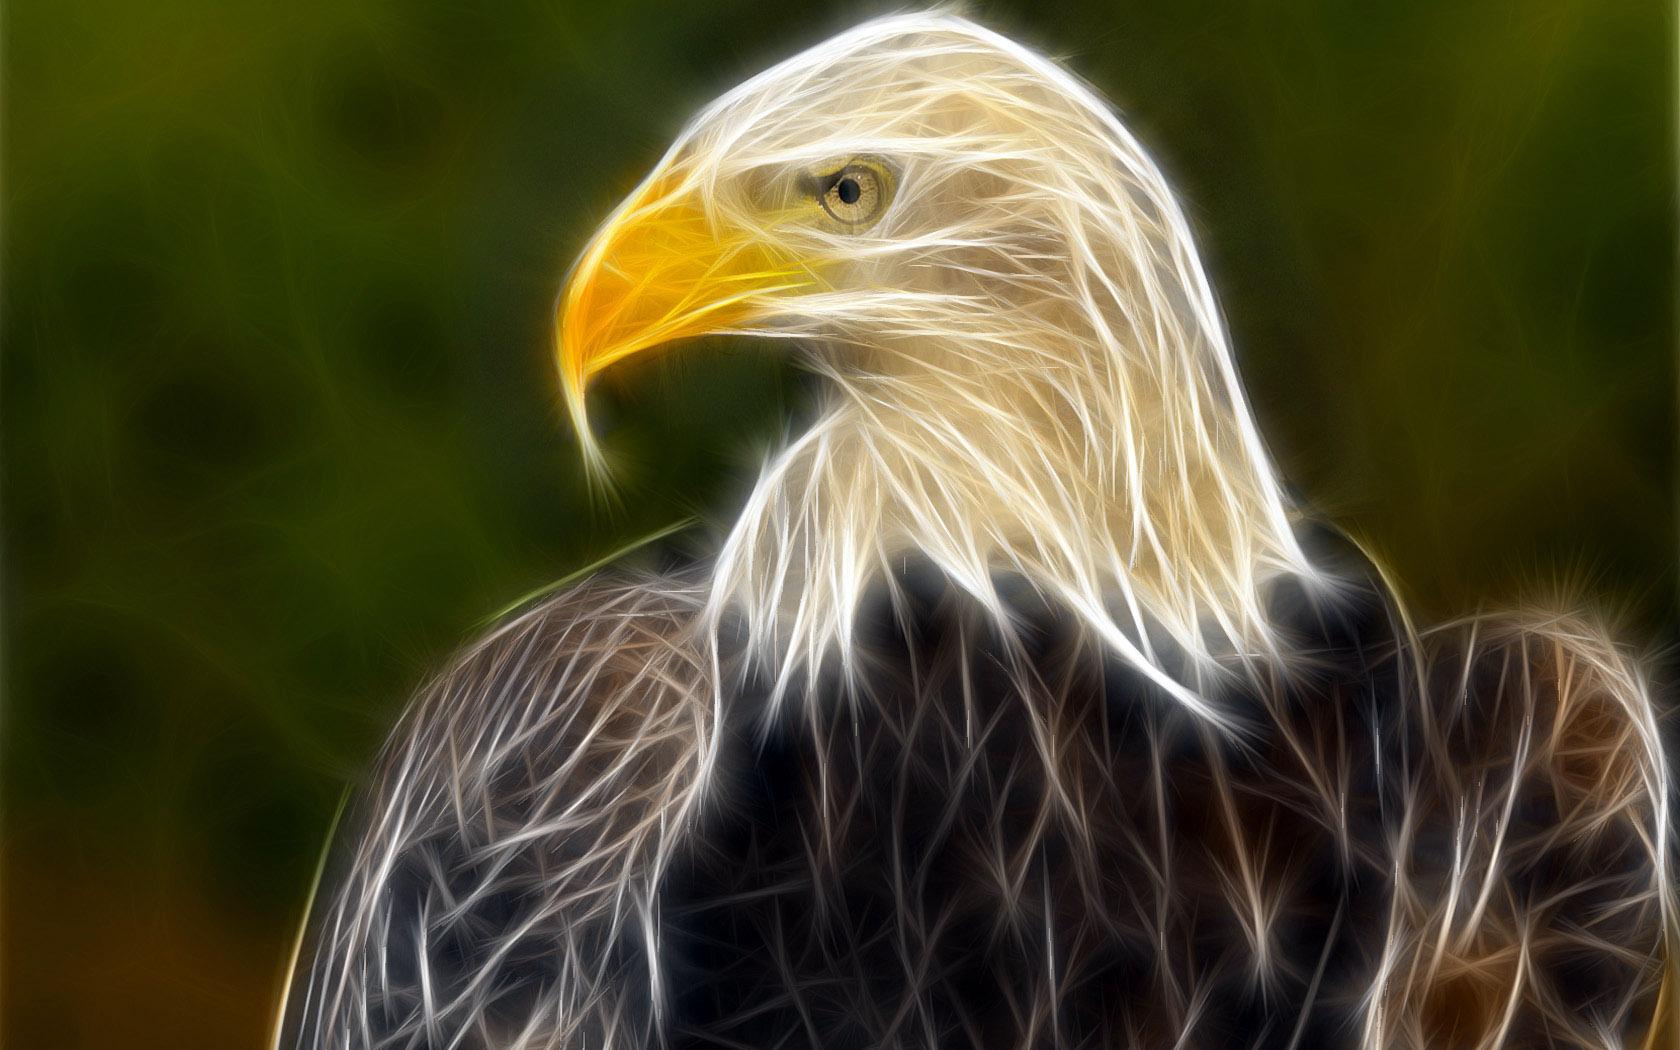 орел, фото, обои для рабочего стола